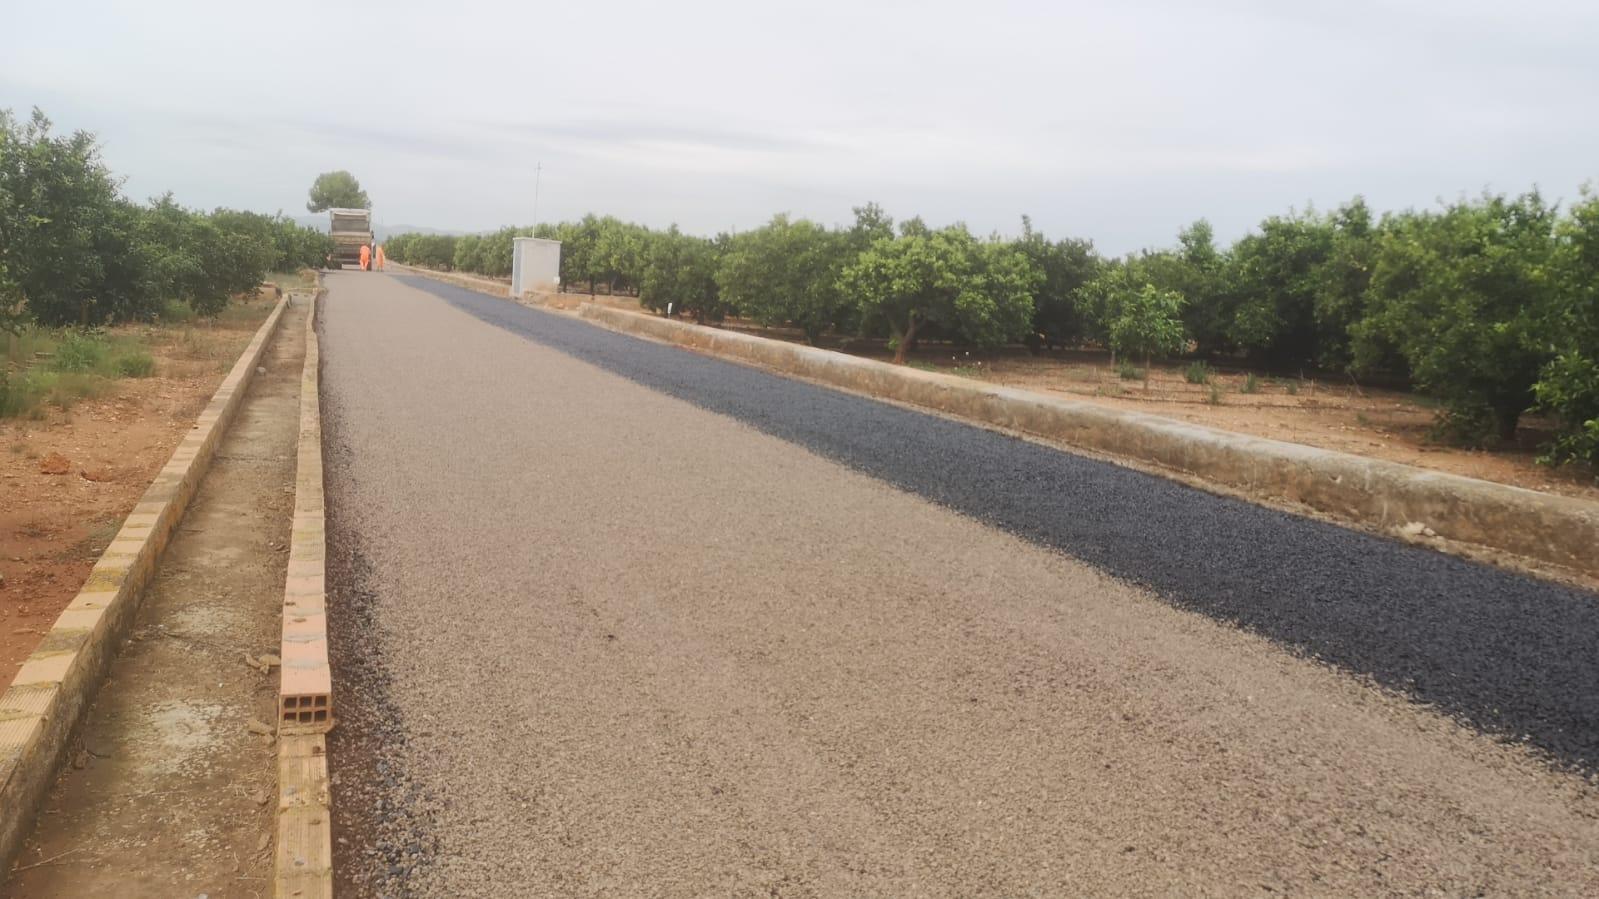 El Plan de mejora de caminos rurales de Vila-real cumple objetivos con el asfaltado de los viales Canal de la Cota 100 y Vora Riu-Madrigal